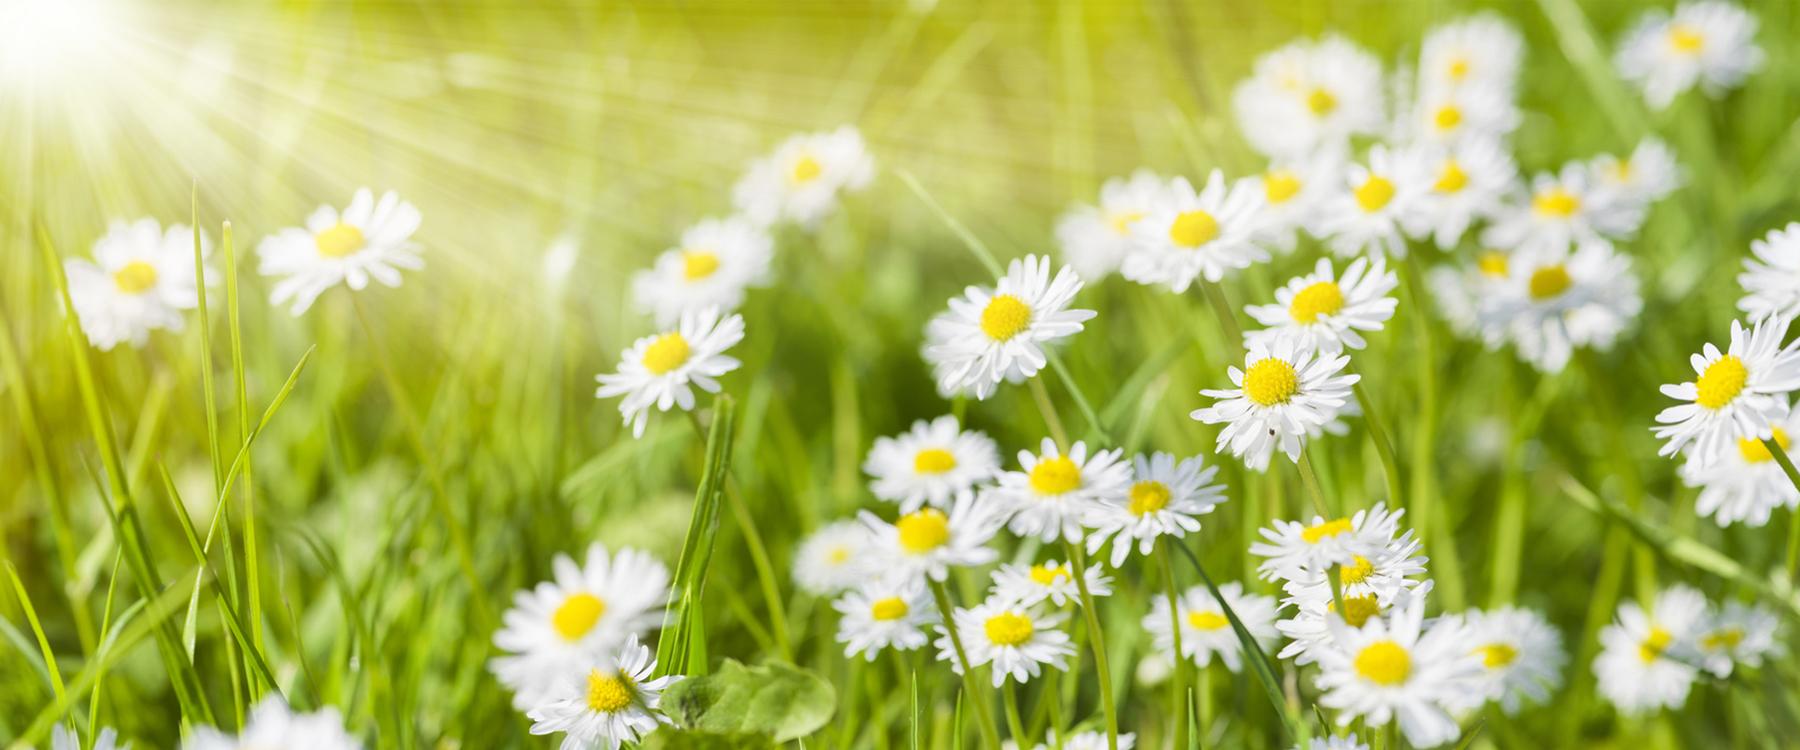 Bunte Blumenwiese im Frhling und Sonnenstrahlen, Titelbild Plus Minus Solutions